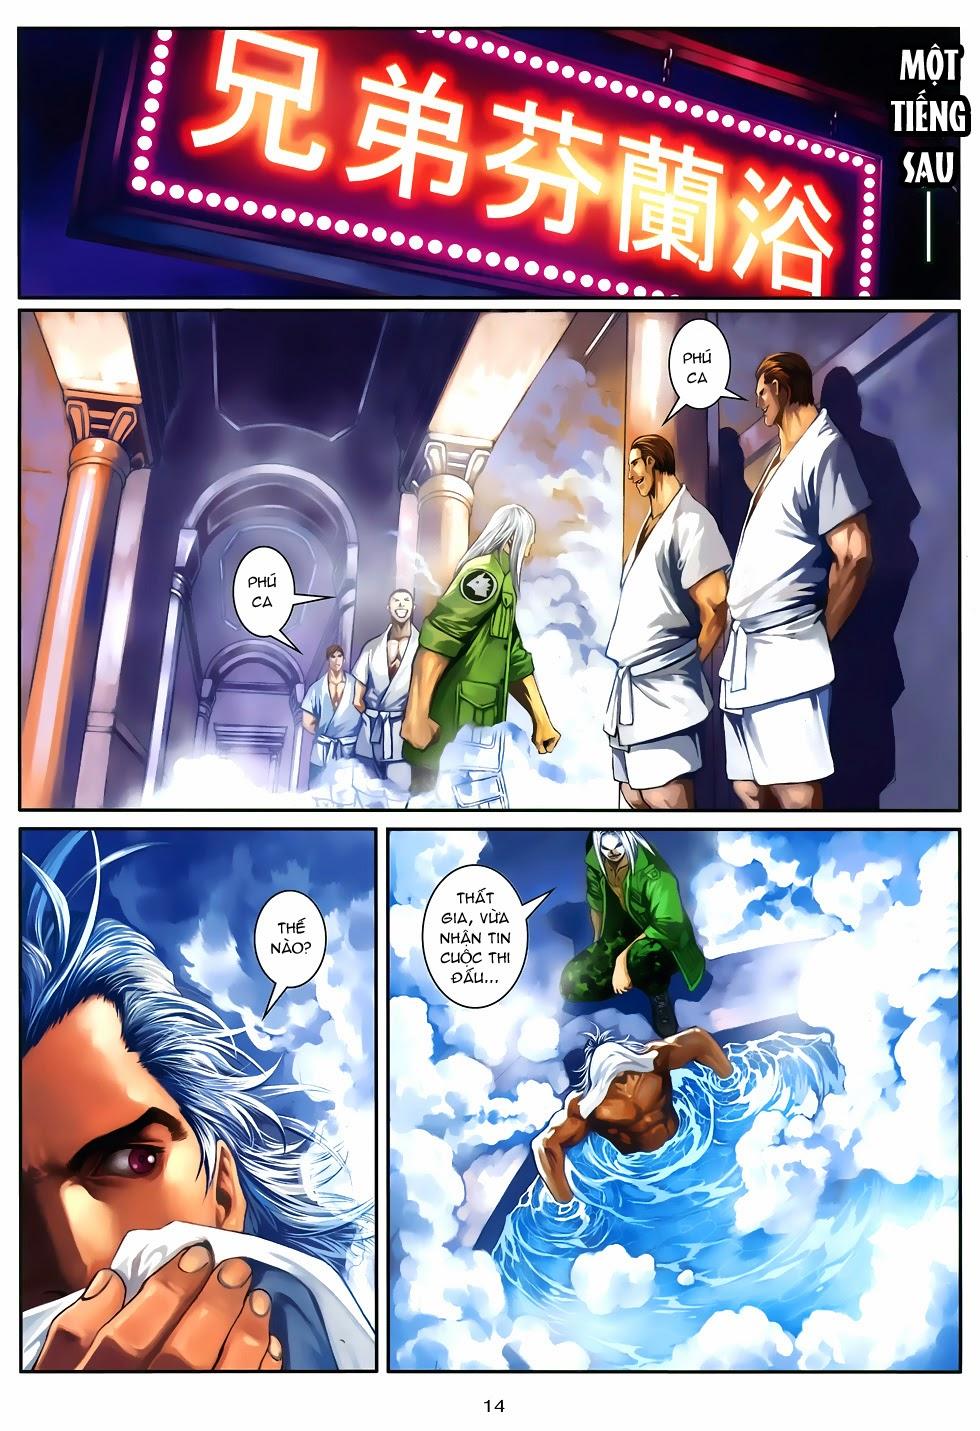 Quyền Đạo chapter 10 trang 13